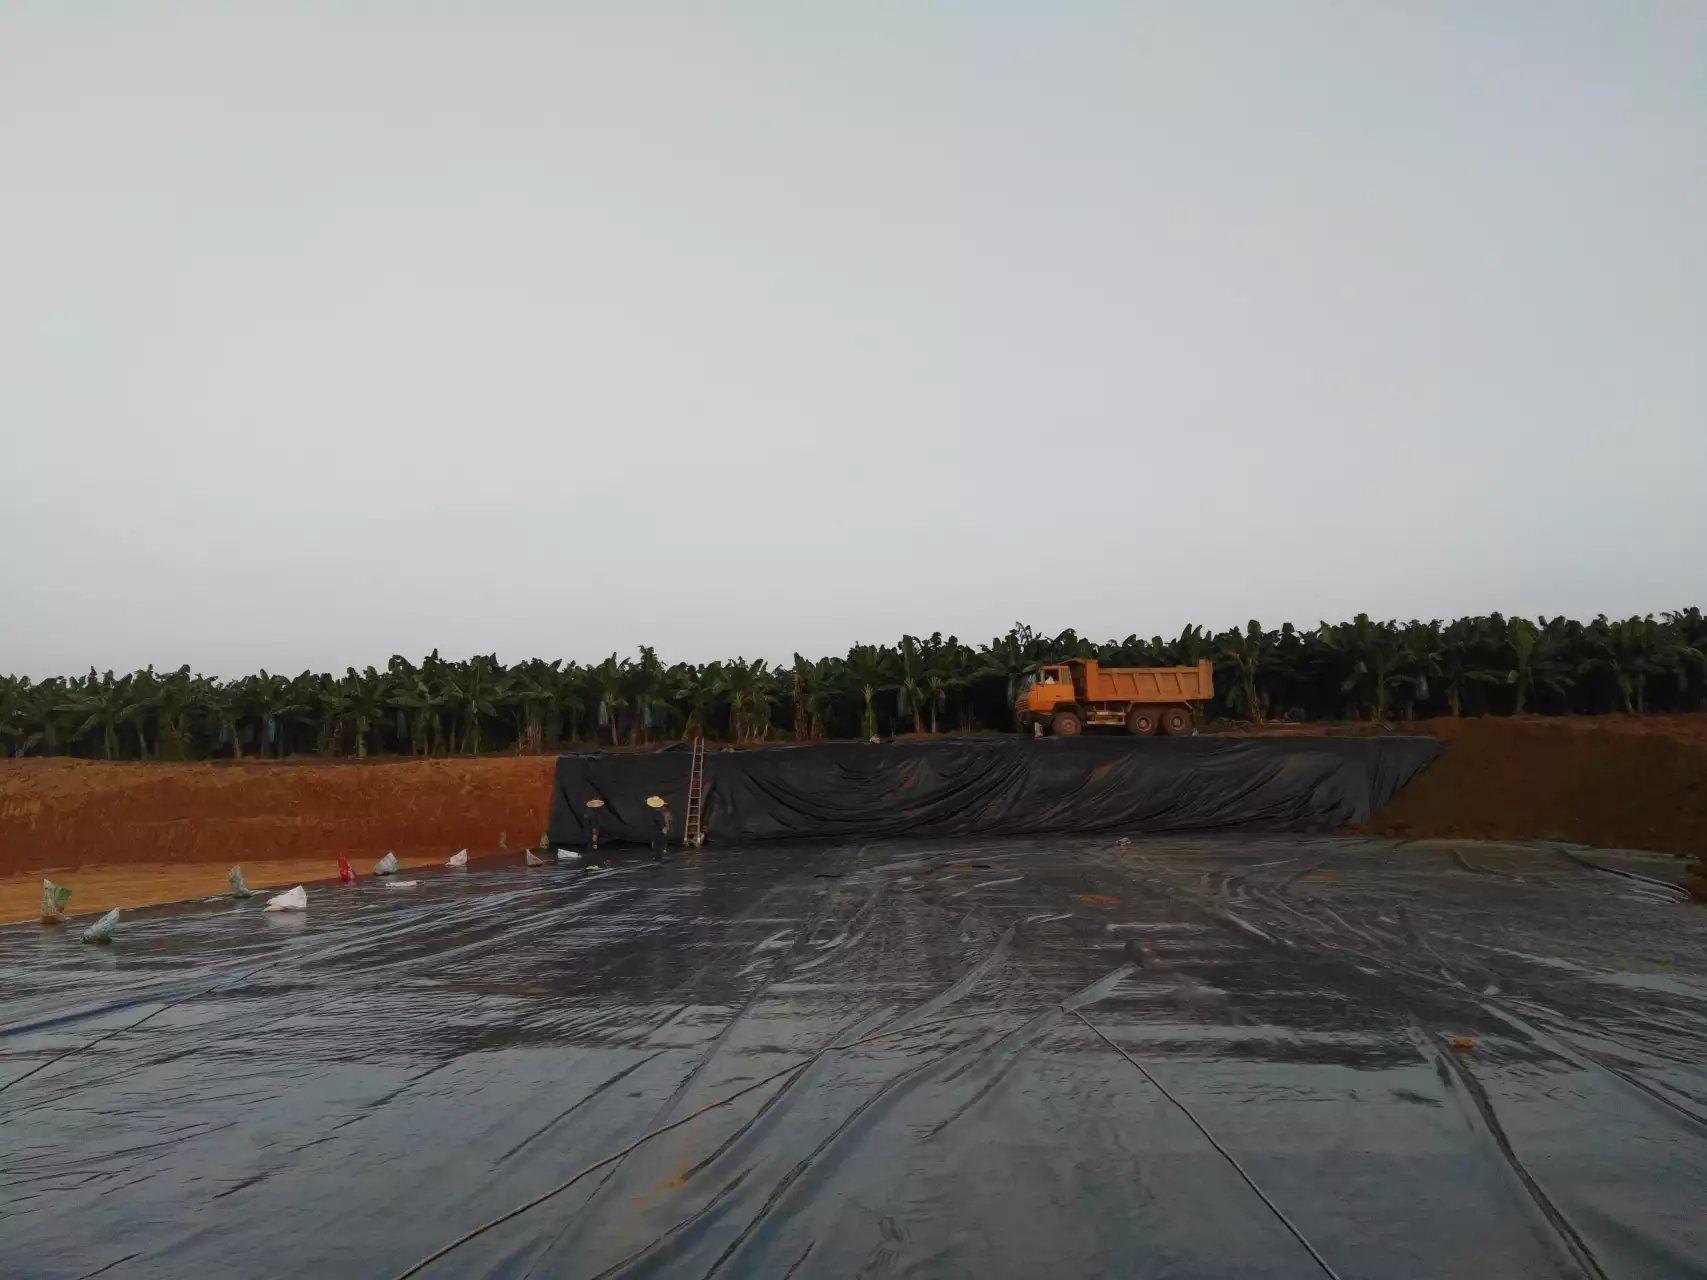 广西自治区鱼类养殖基地防渗膜铺设工程  养殖防渗膜 第3张